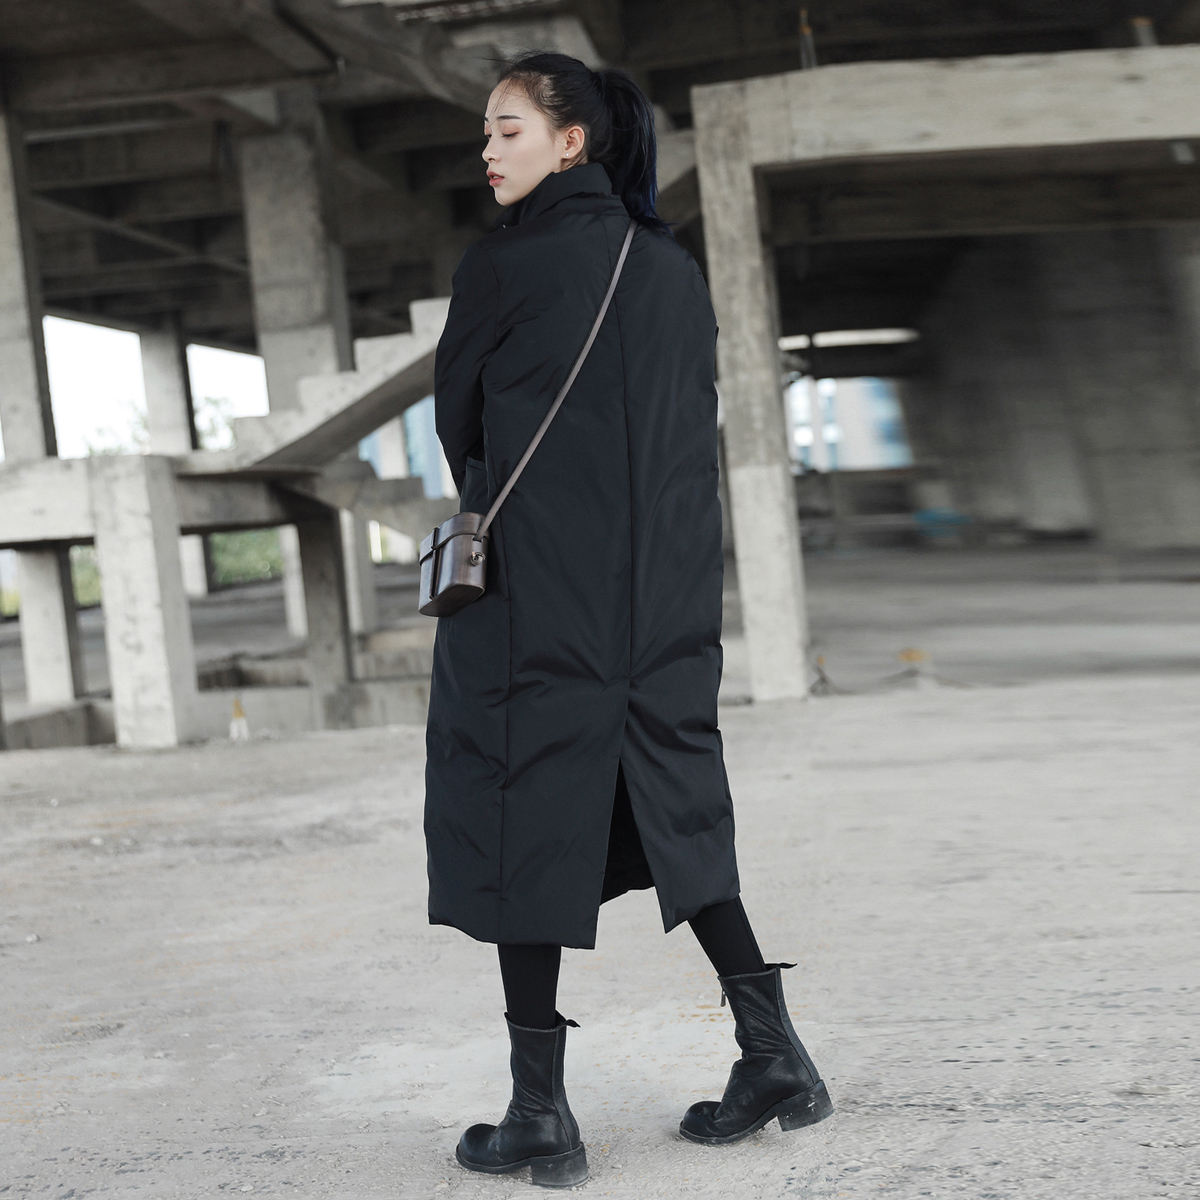 Coton Black Mode De Nouveau rembourré Manches Couleur Manteau Femmes Grande À Jd16 Noir eam Col 2019 Taille Marée Printemps Longues Montant Solide Évent 7wBfnq